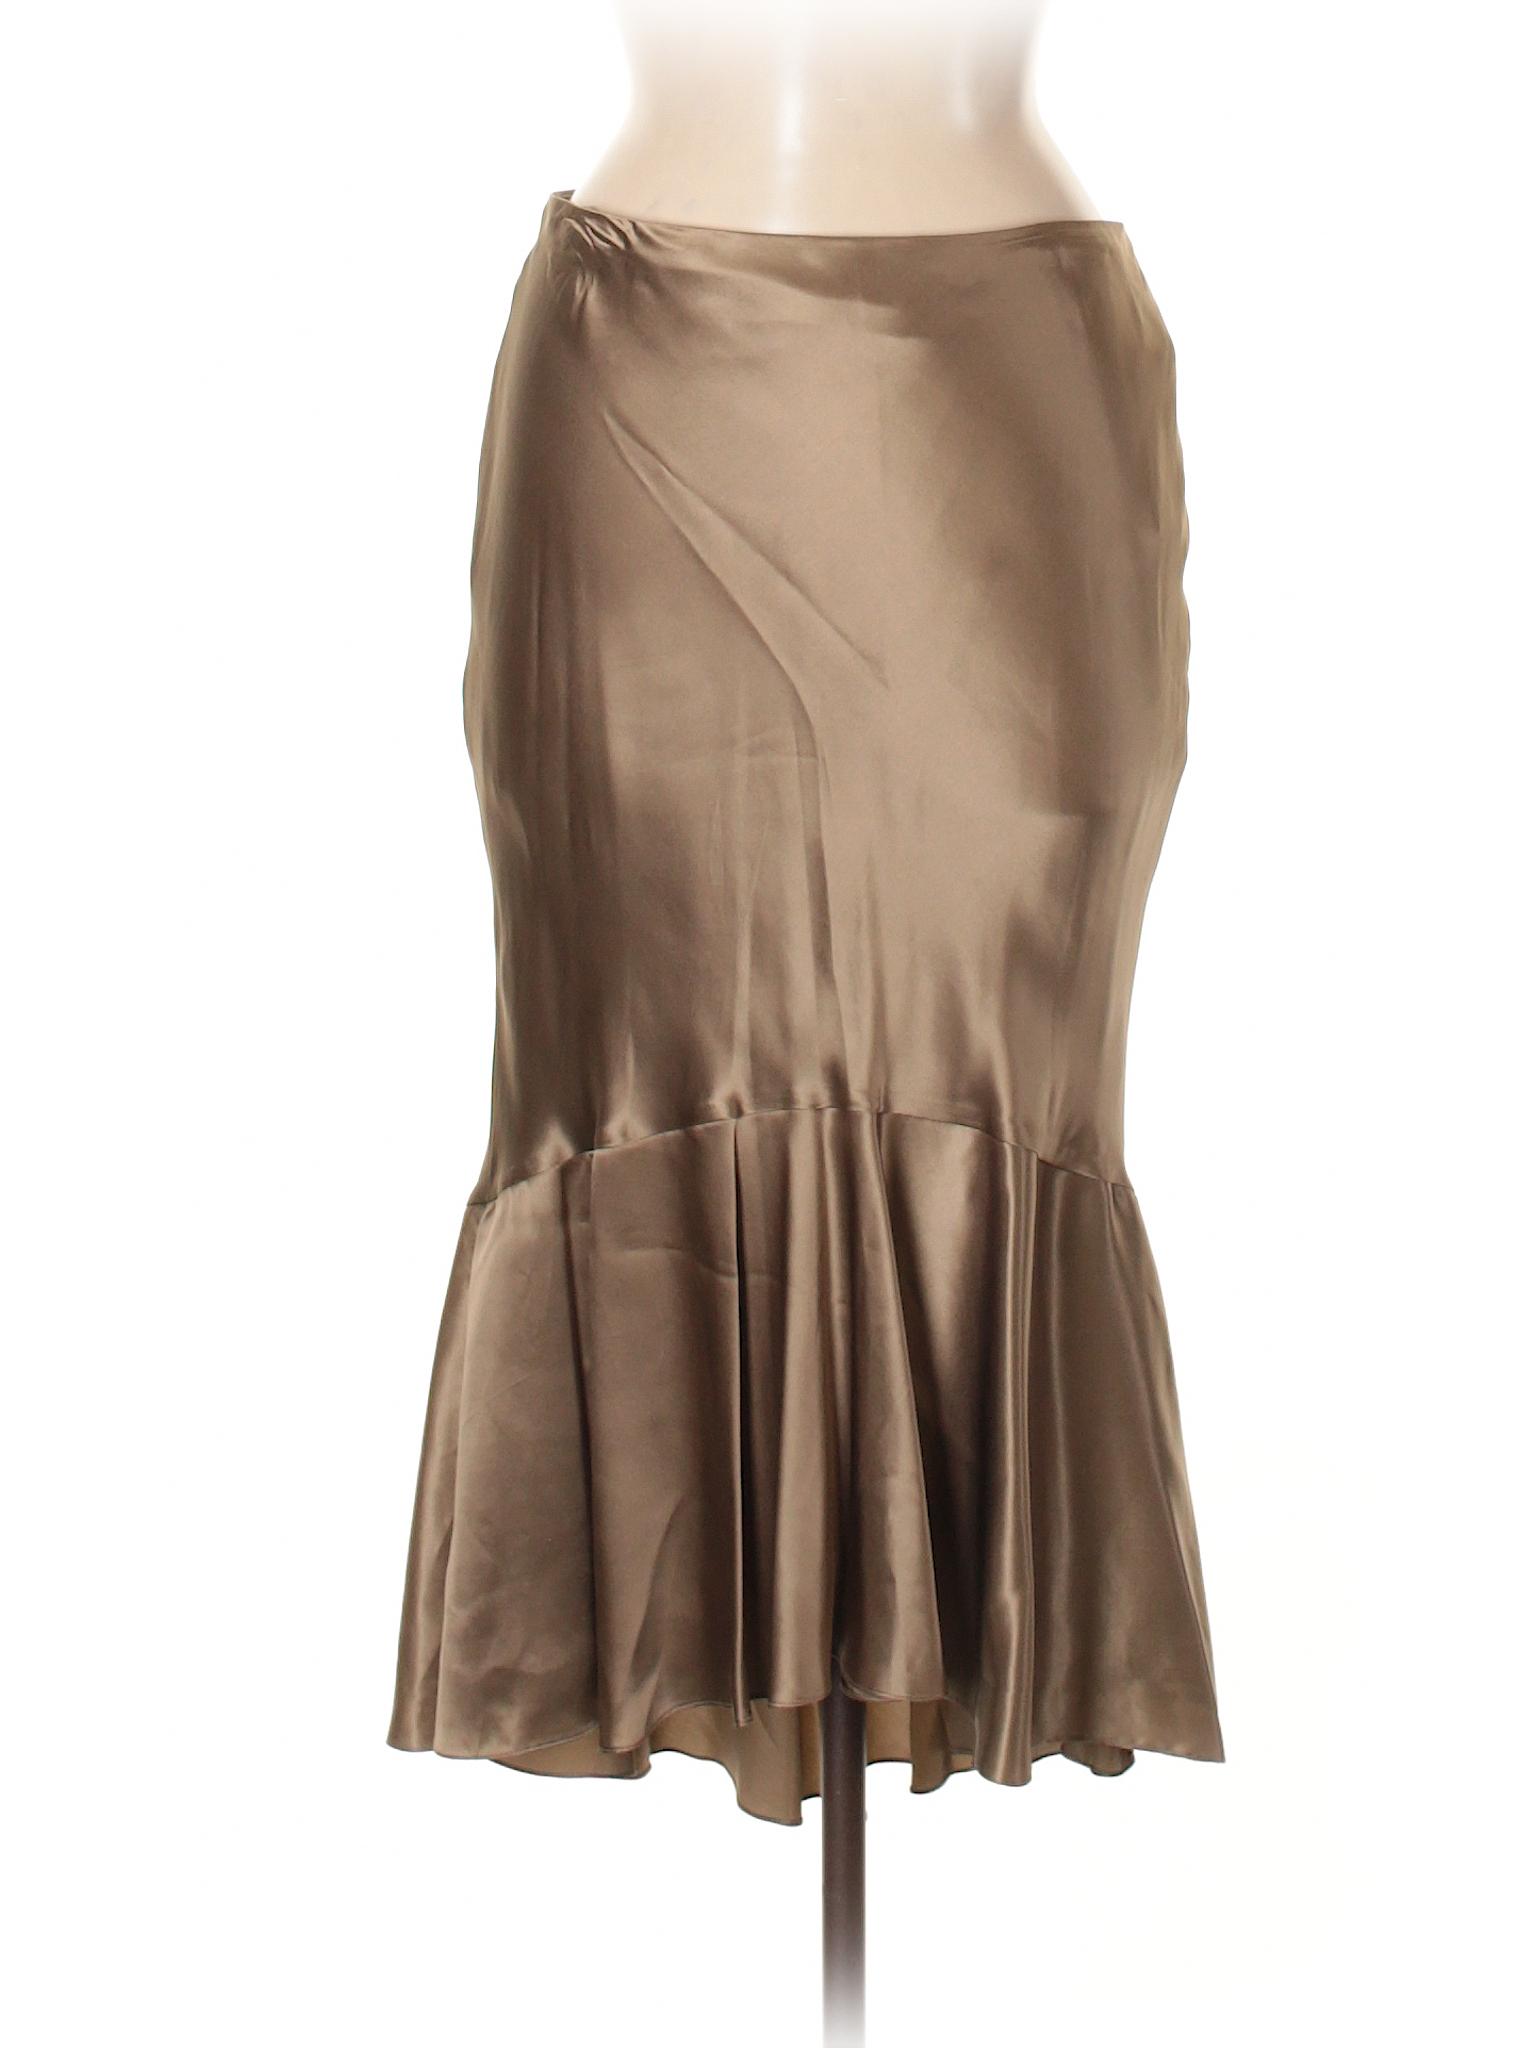 Boutique Silk Silk Boutique Skirt PrnrSxIgW